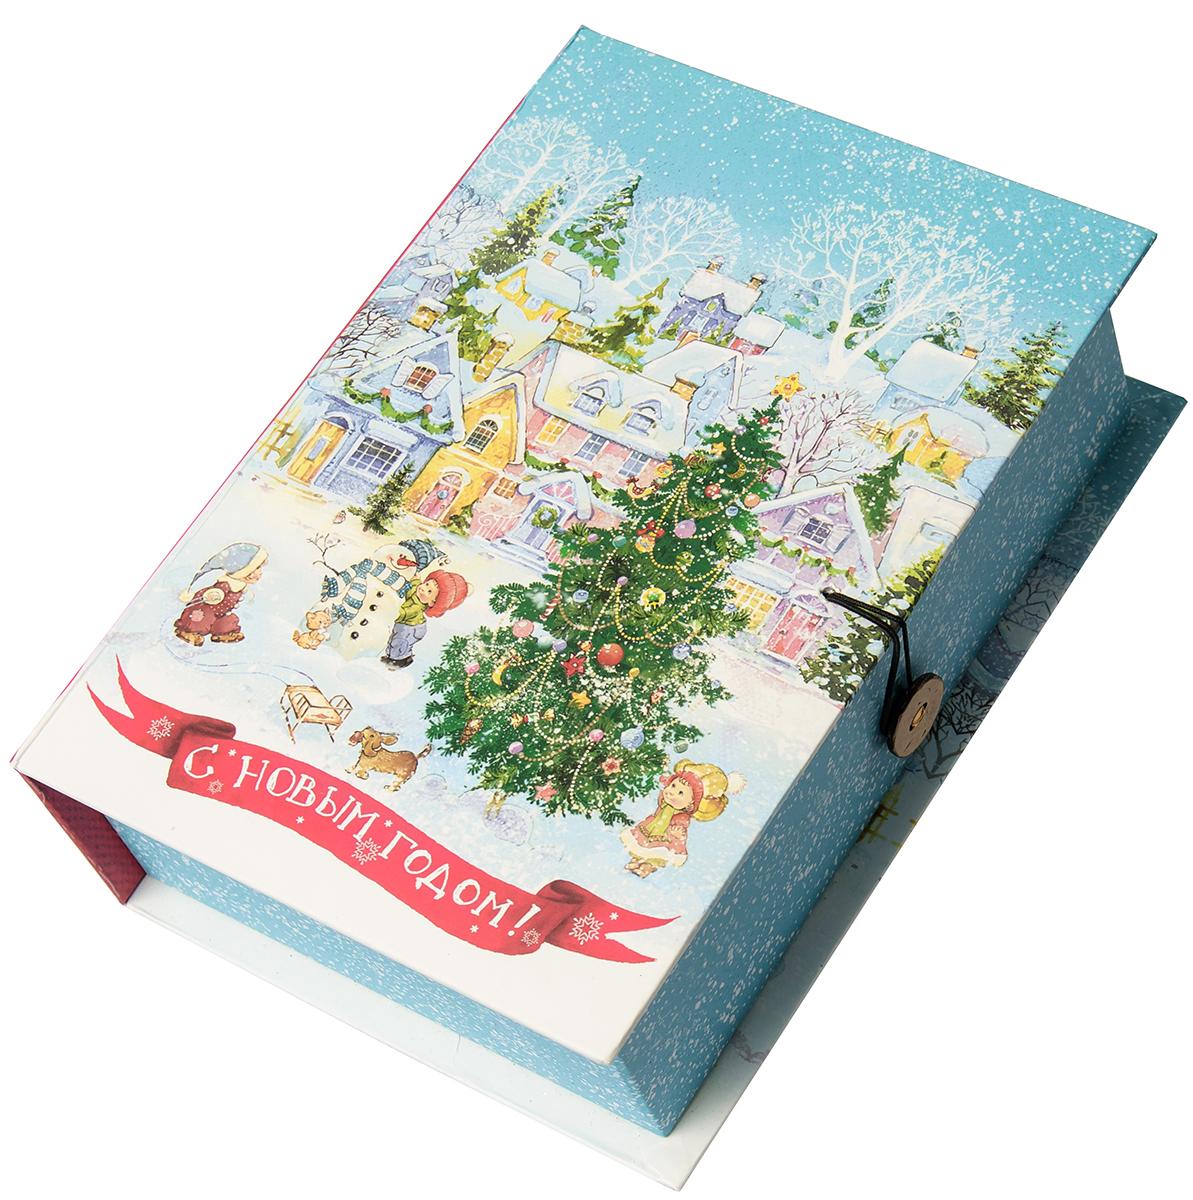 Коробка подарочная Magic Time Новогодняя площадь, размер M. 7503975039Подарочная коробка Новогодняя площадь-M из мелованного, ламинированного, негофрированного картона плотностью 1100 г, м2, с полноцветным декоративным рисунком на внутренней и наружной части, 20x14x6, артикул 75039